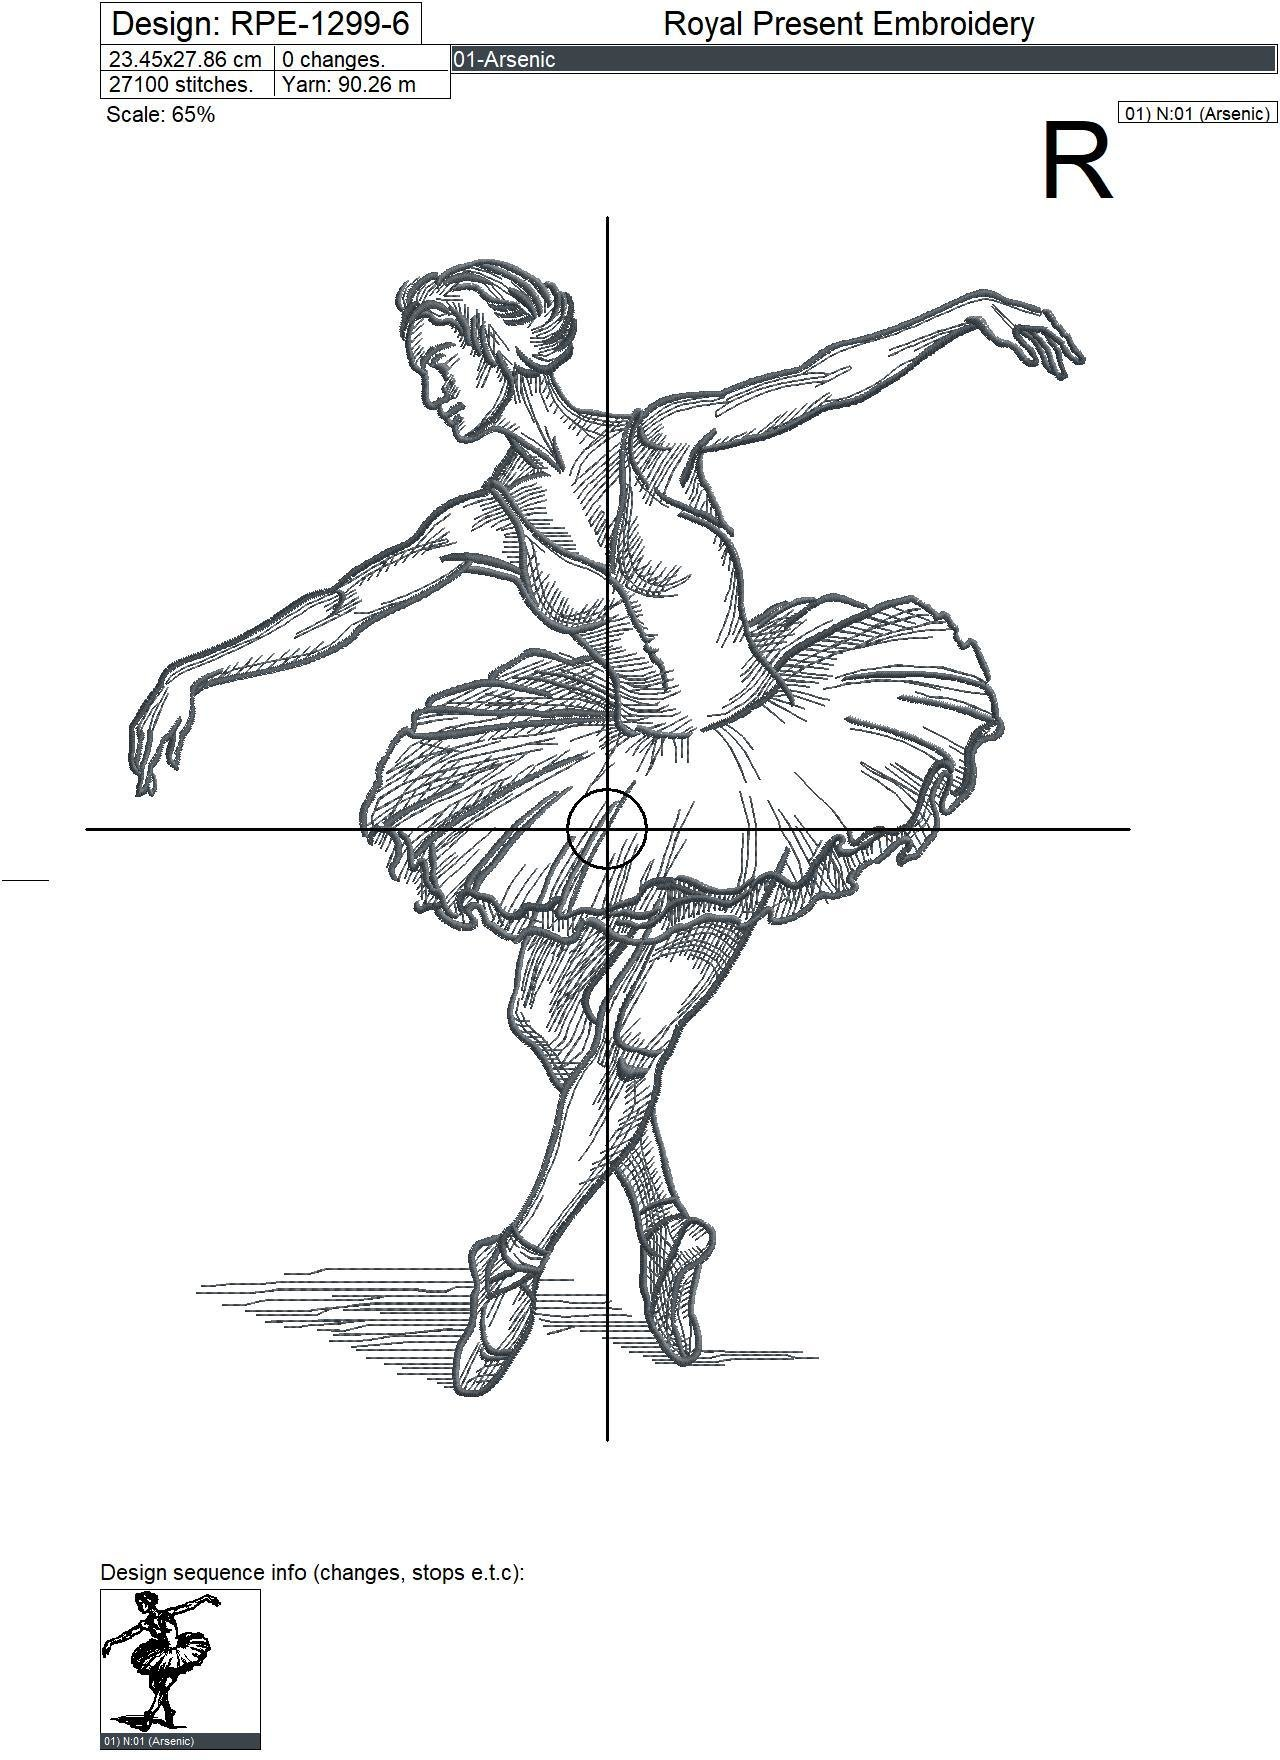 Балерина дизайн машинной вышивки  - 7 размеров